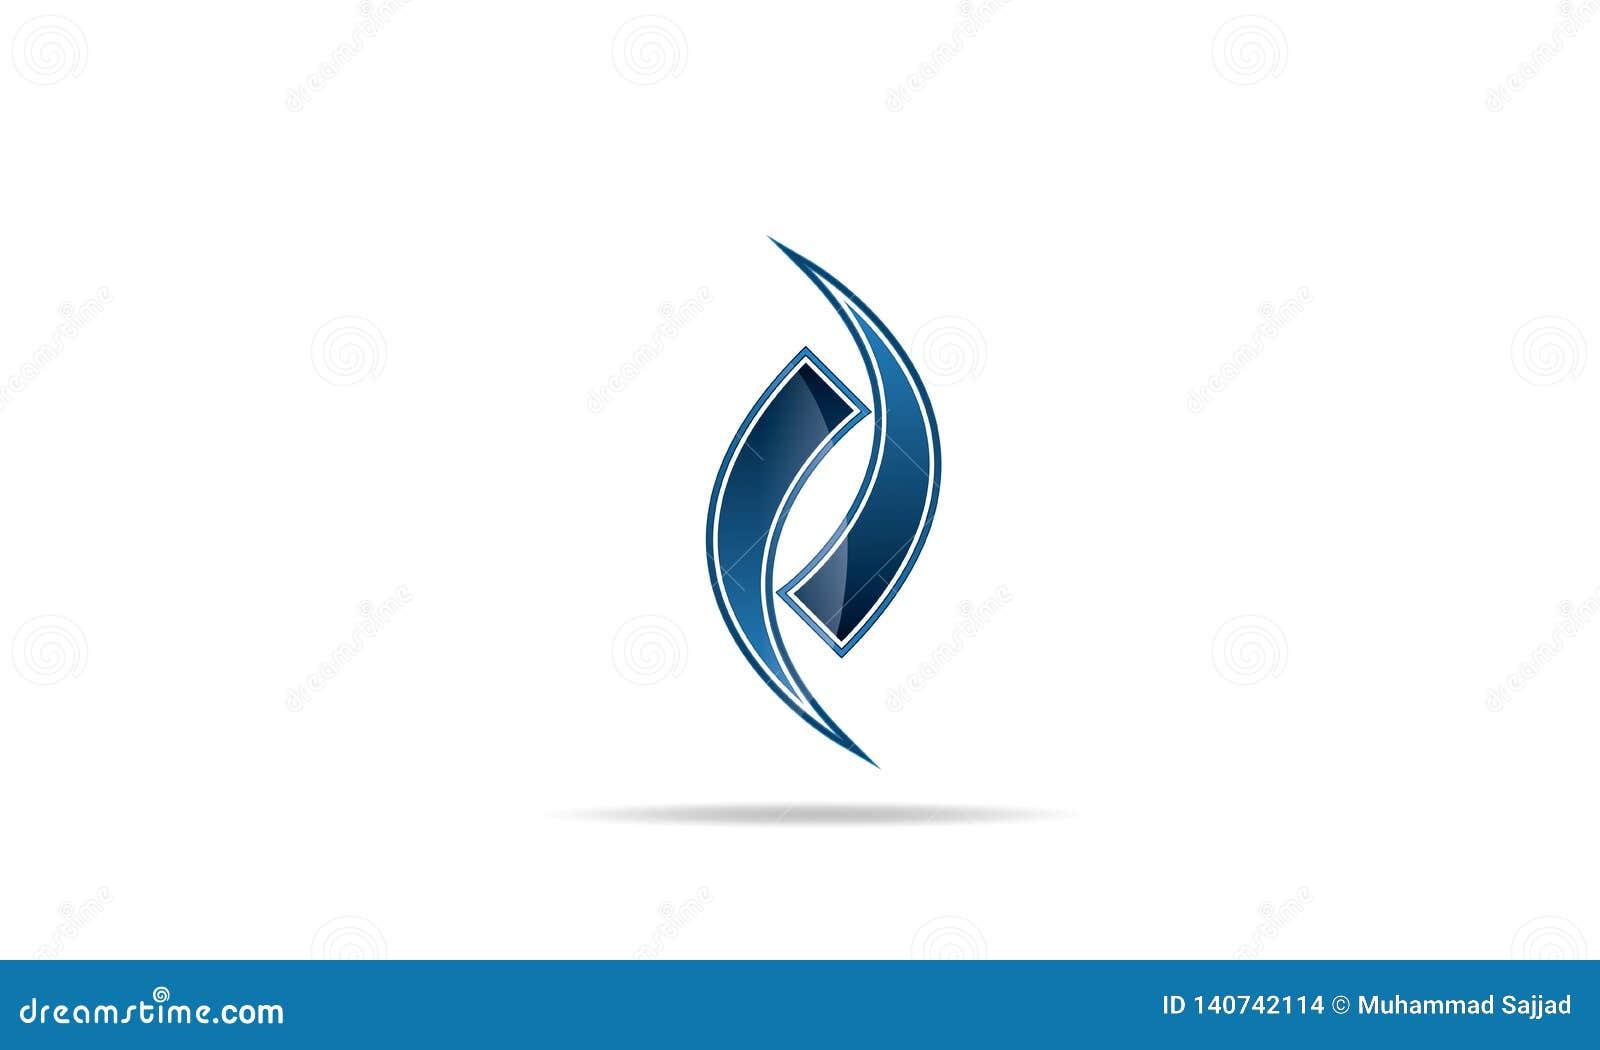 Abstract Logo Icons Design Vector - Creative Company Logo Template